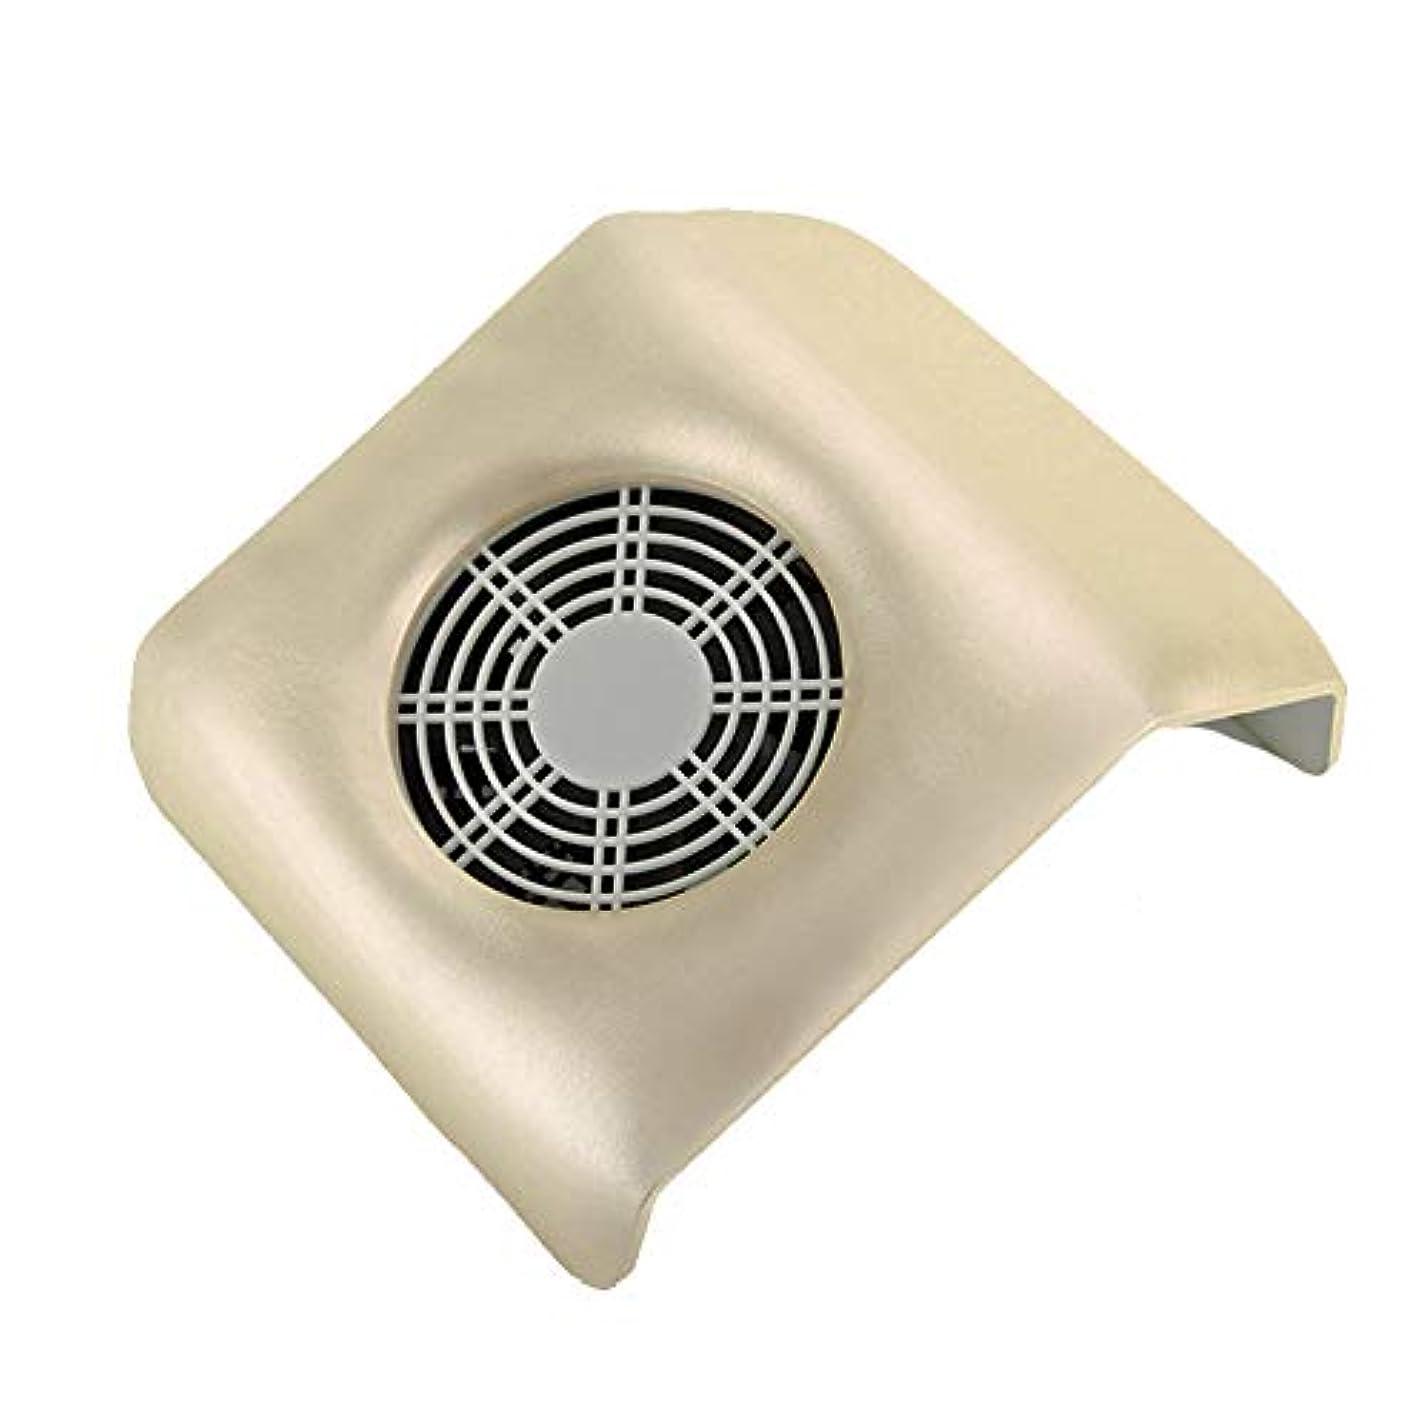 脊椎タイマー放つネイル 集塵機 ネイルアート掃除機 ネイルマシン ネイルダスト ダストクリーナー ネイル機器 集塵バッグ付き 金色